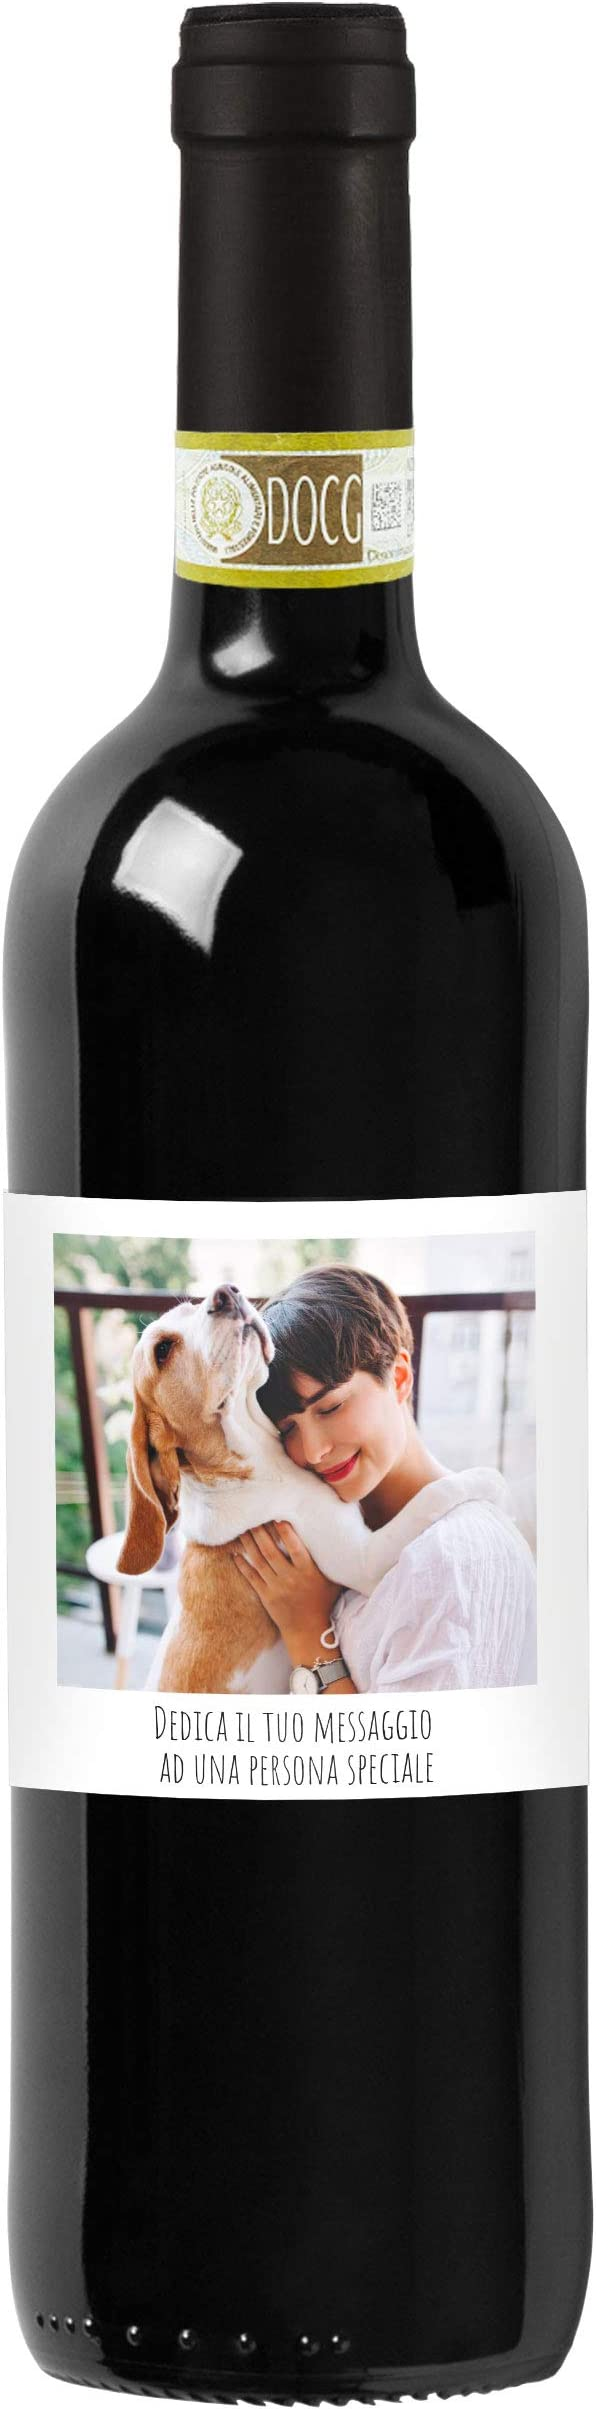 17 opinioni per Bottiglia personalizzata con foto e dedica di Chianti Classico DOCG- Idea Regalo